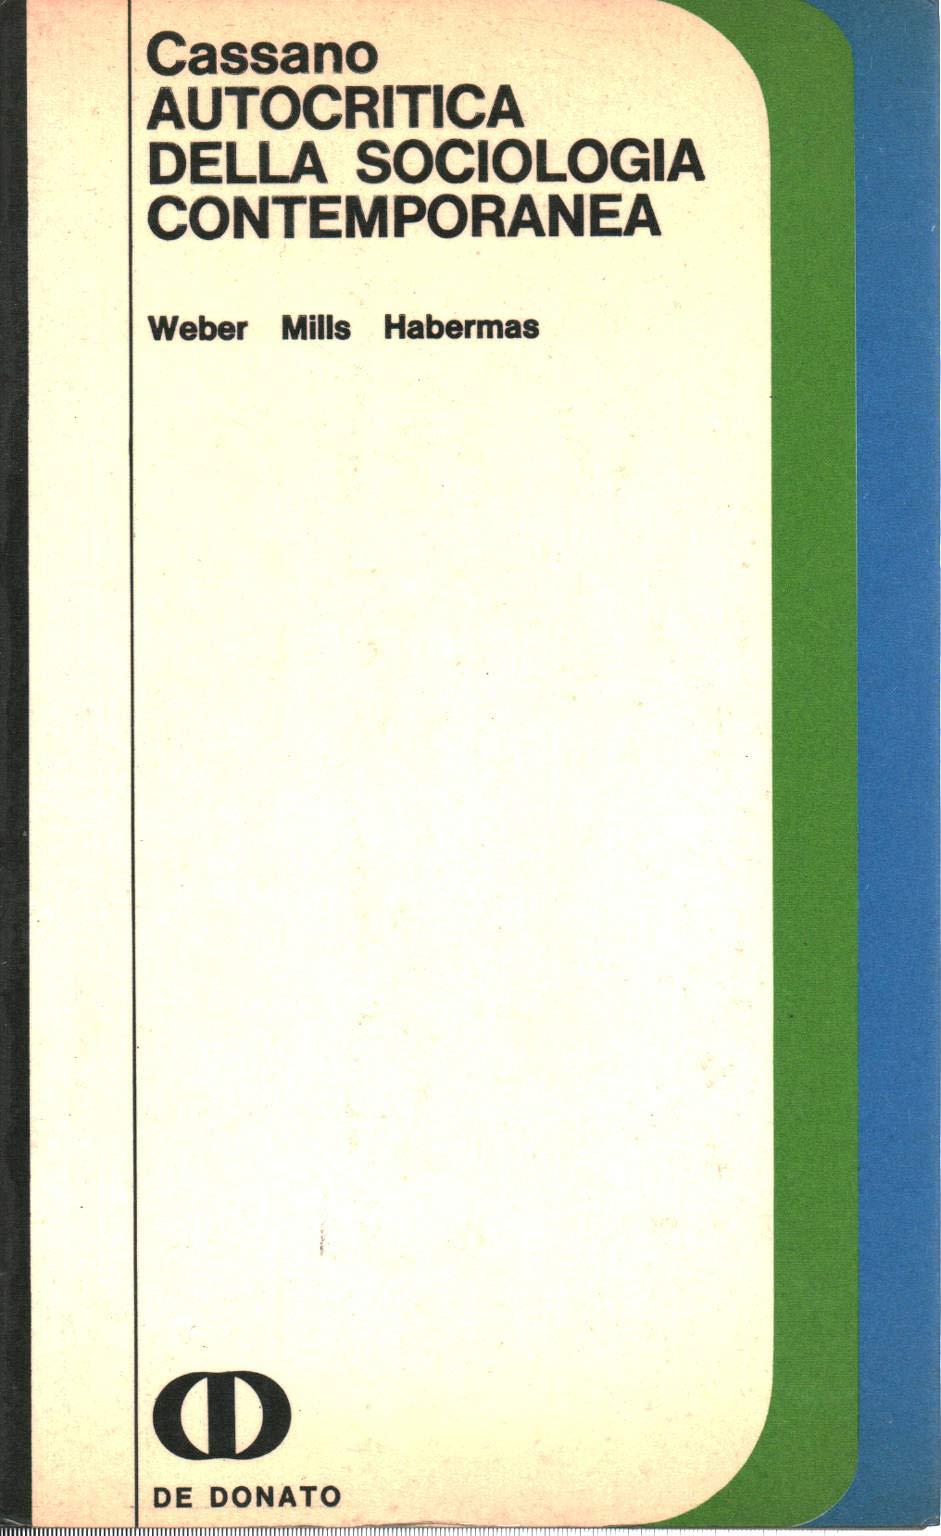 Amazon.it: Autocritica della sociologia contemporanea - Franco Cassano -  Libri